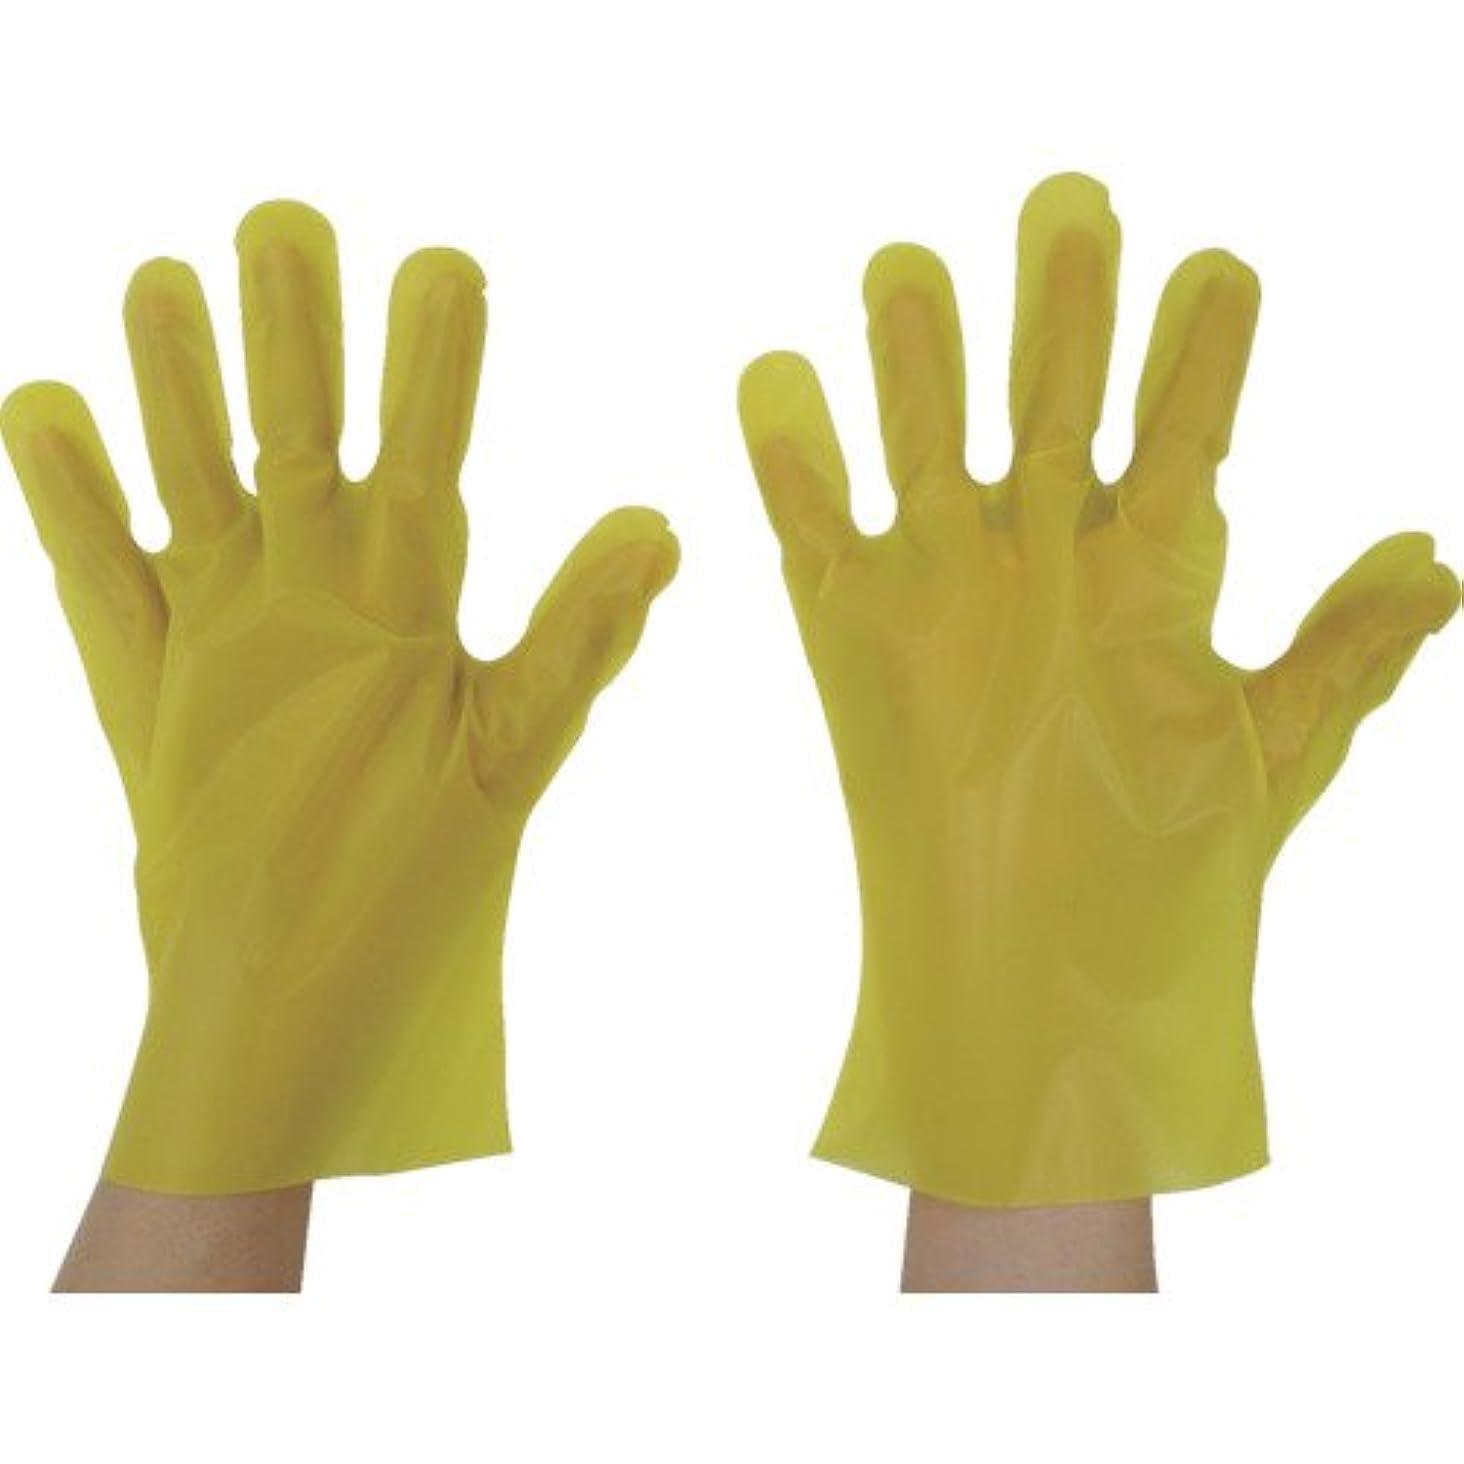 東京パック エンボス手袋五本絞りエコノミー化粧箱S イエロー(入数:200枚) YEK-S